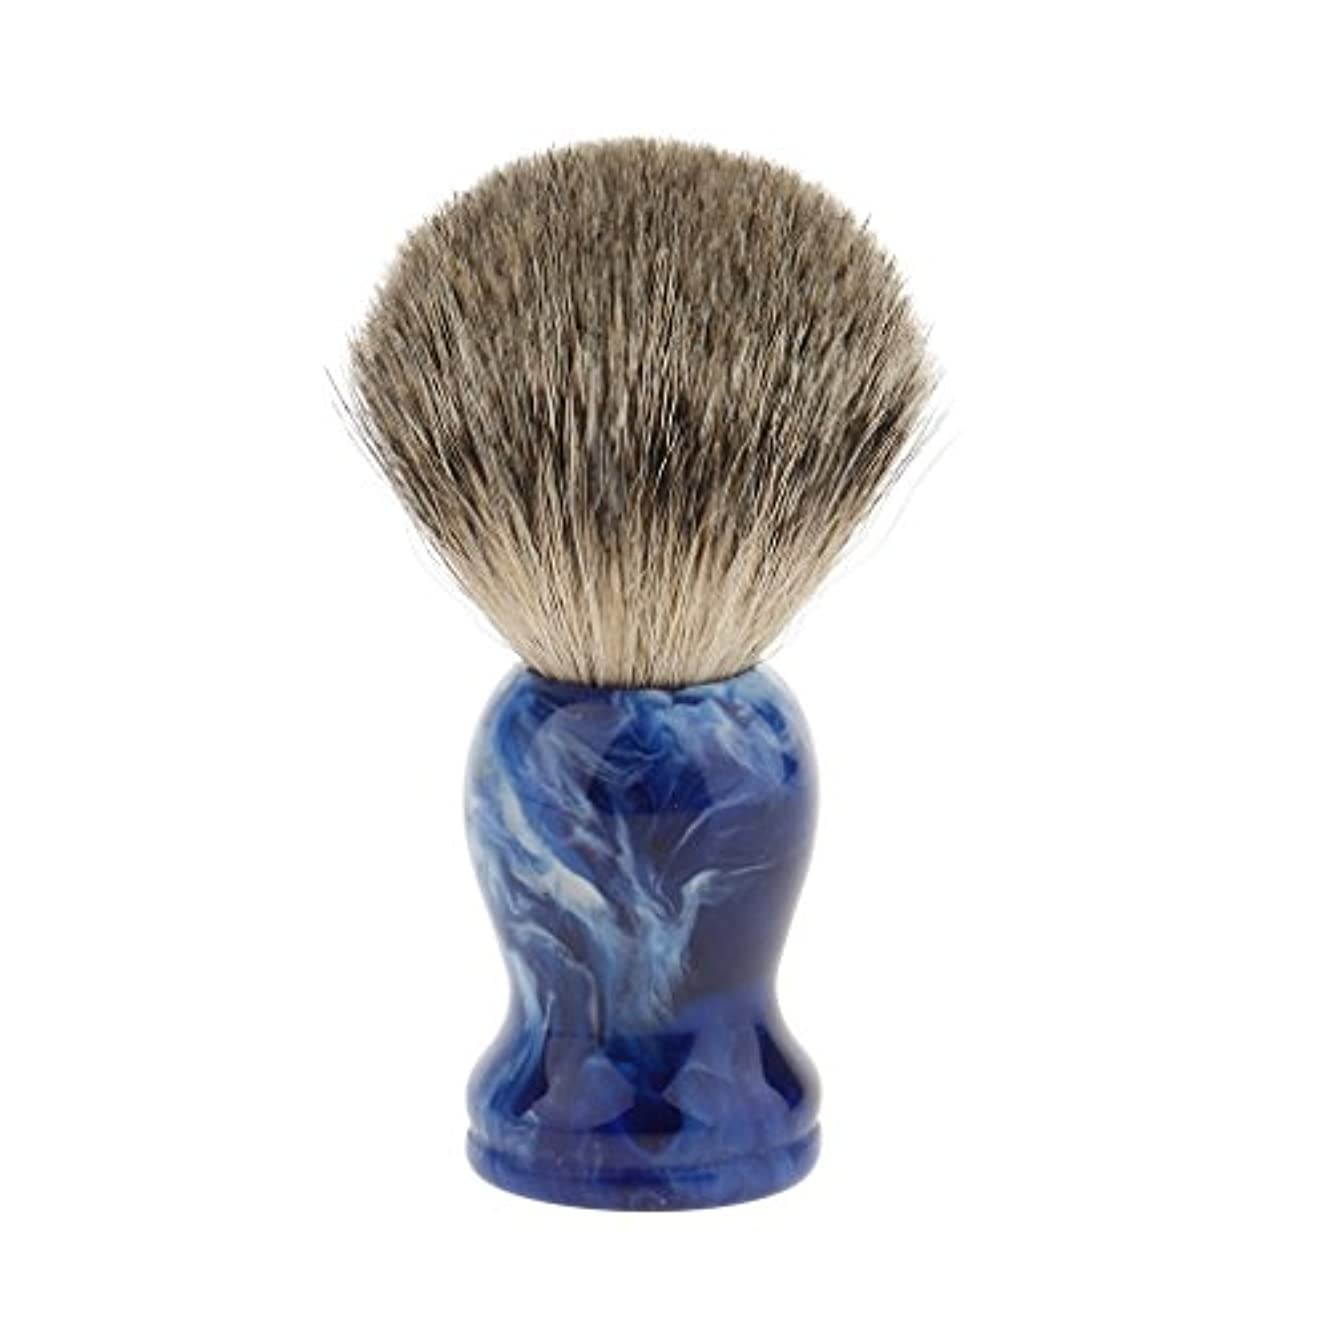 引退した雄大なミッションシェービングブラシ 理髪師 ひげ クリーニングツール プロ サロン 家庭 個人用